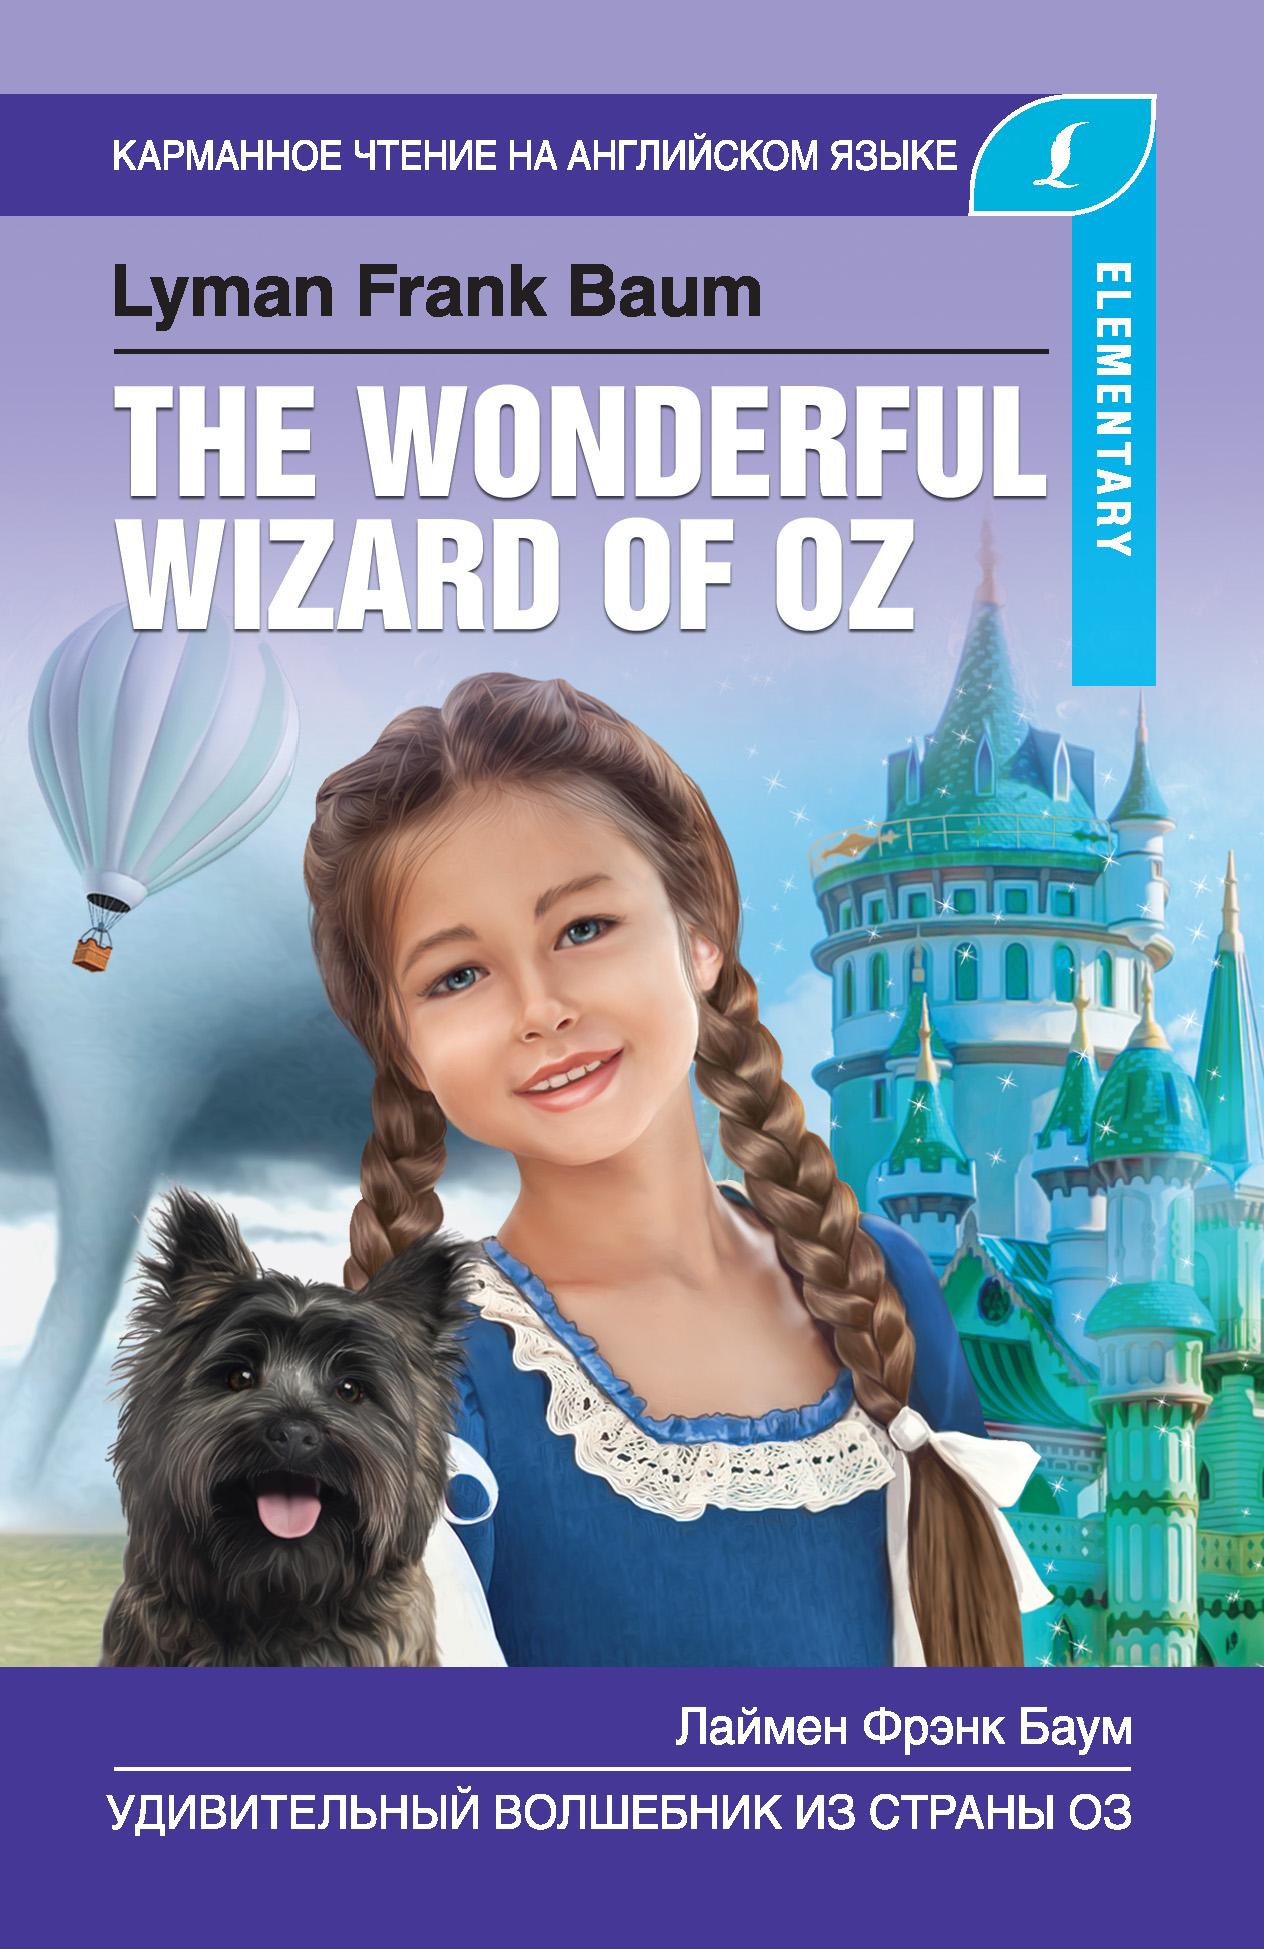 Фото - Лаймен Фрэнк Баум Удивительный волшебник из Страны Оз / The Wonderful Wizard of Oz баум л чудеса страны оз the magic of oz mp3